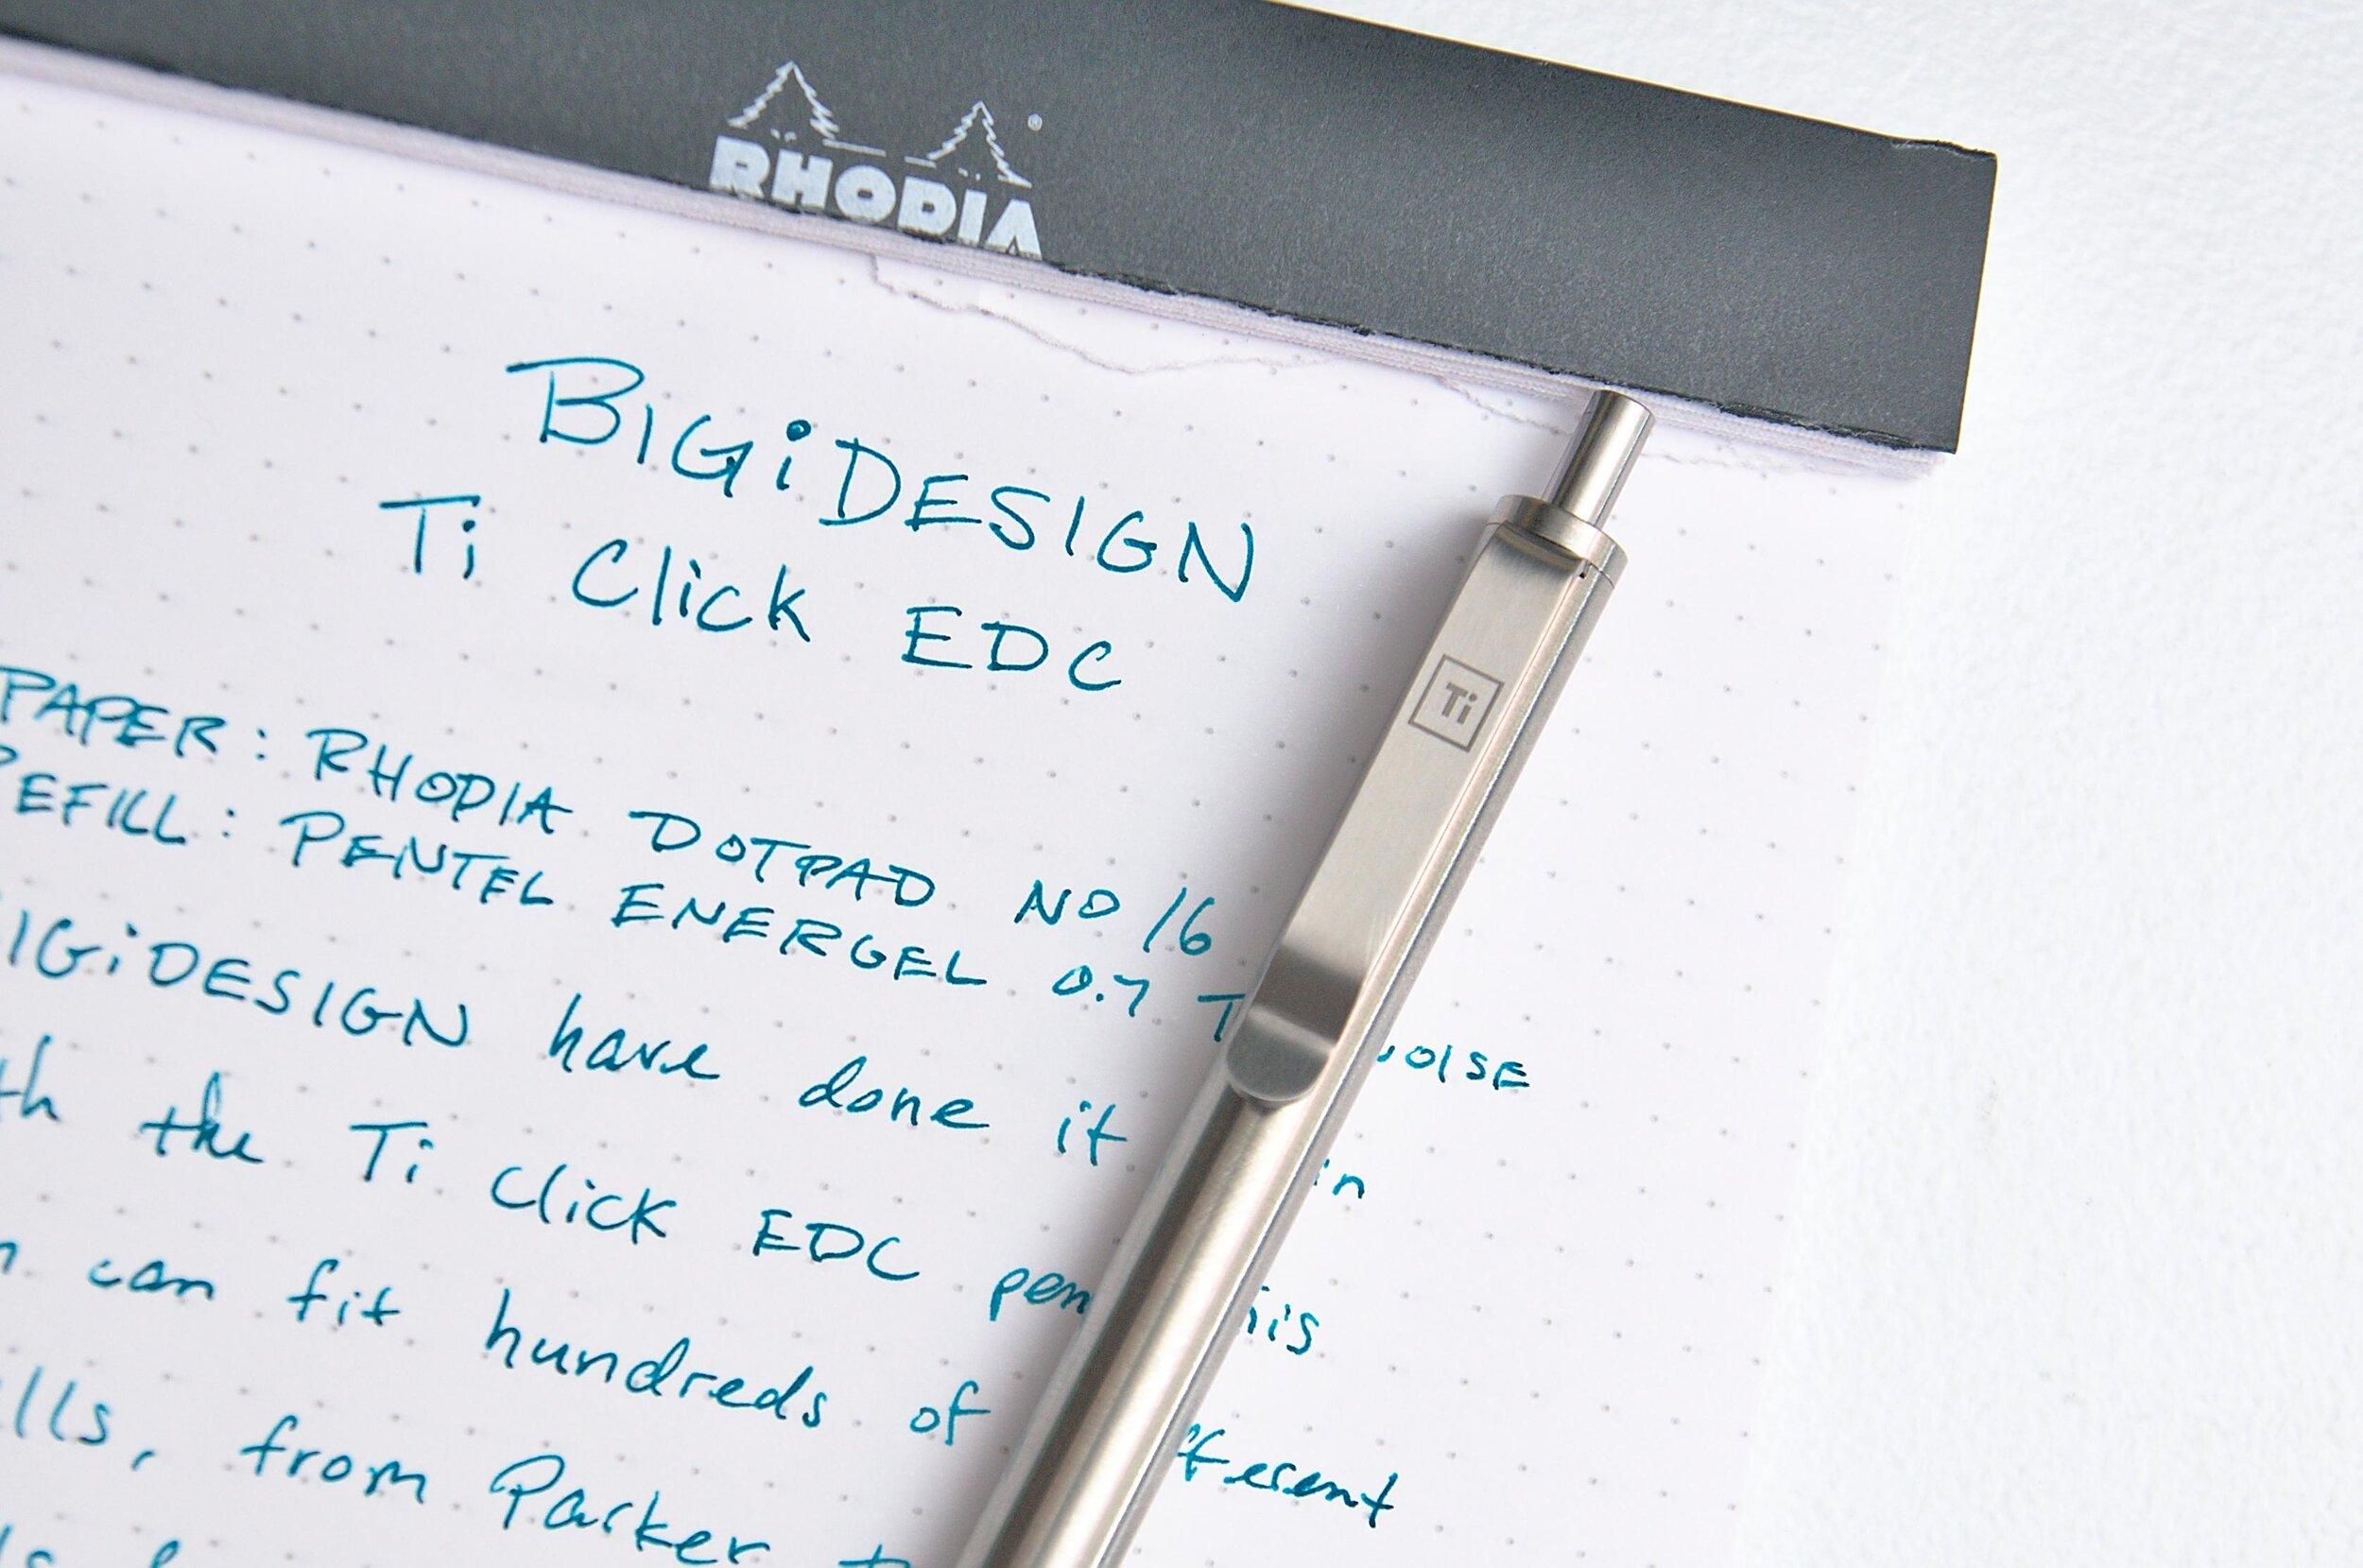 BIGiDESIGN Ti Click EDC Titanium Pen Clip